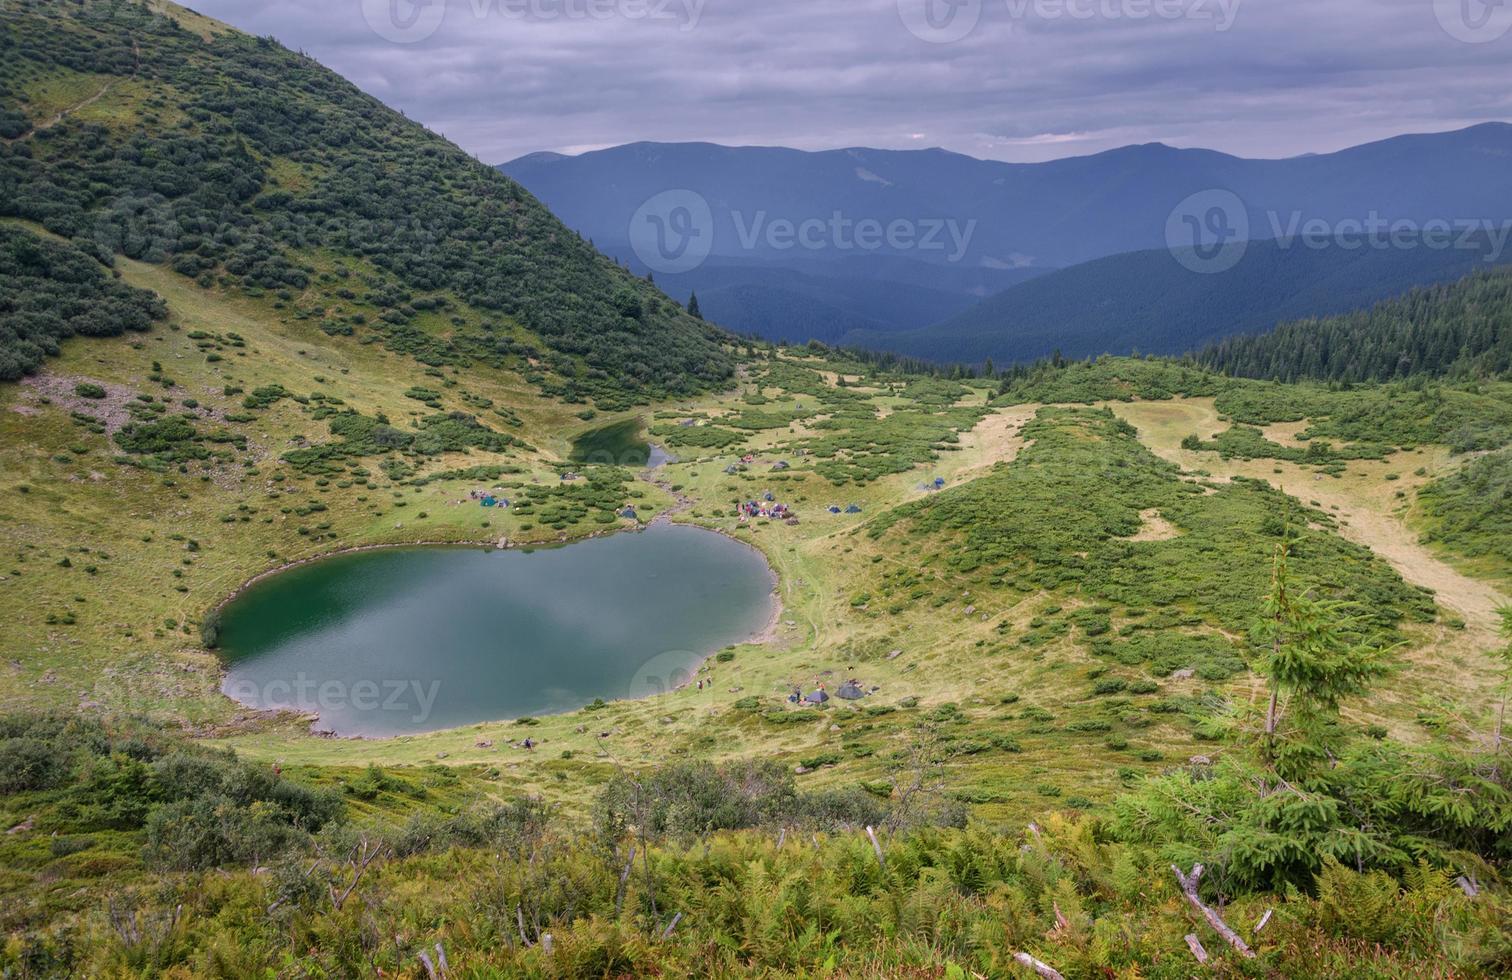 The mountain's lake photo